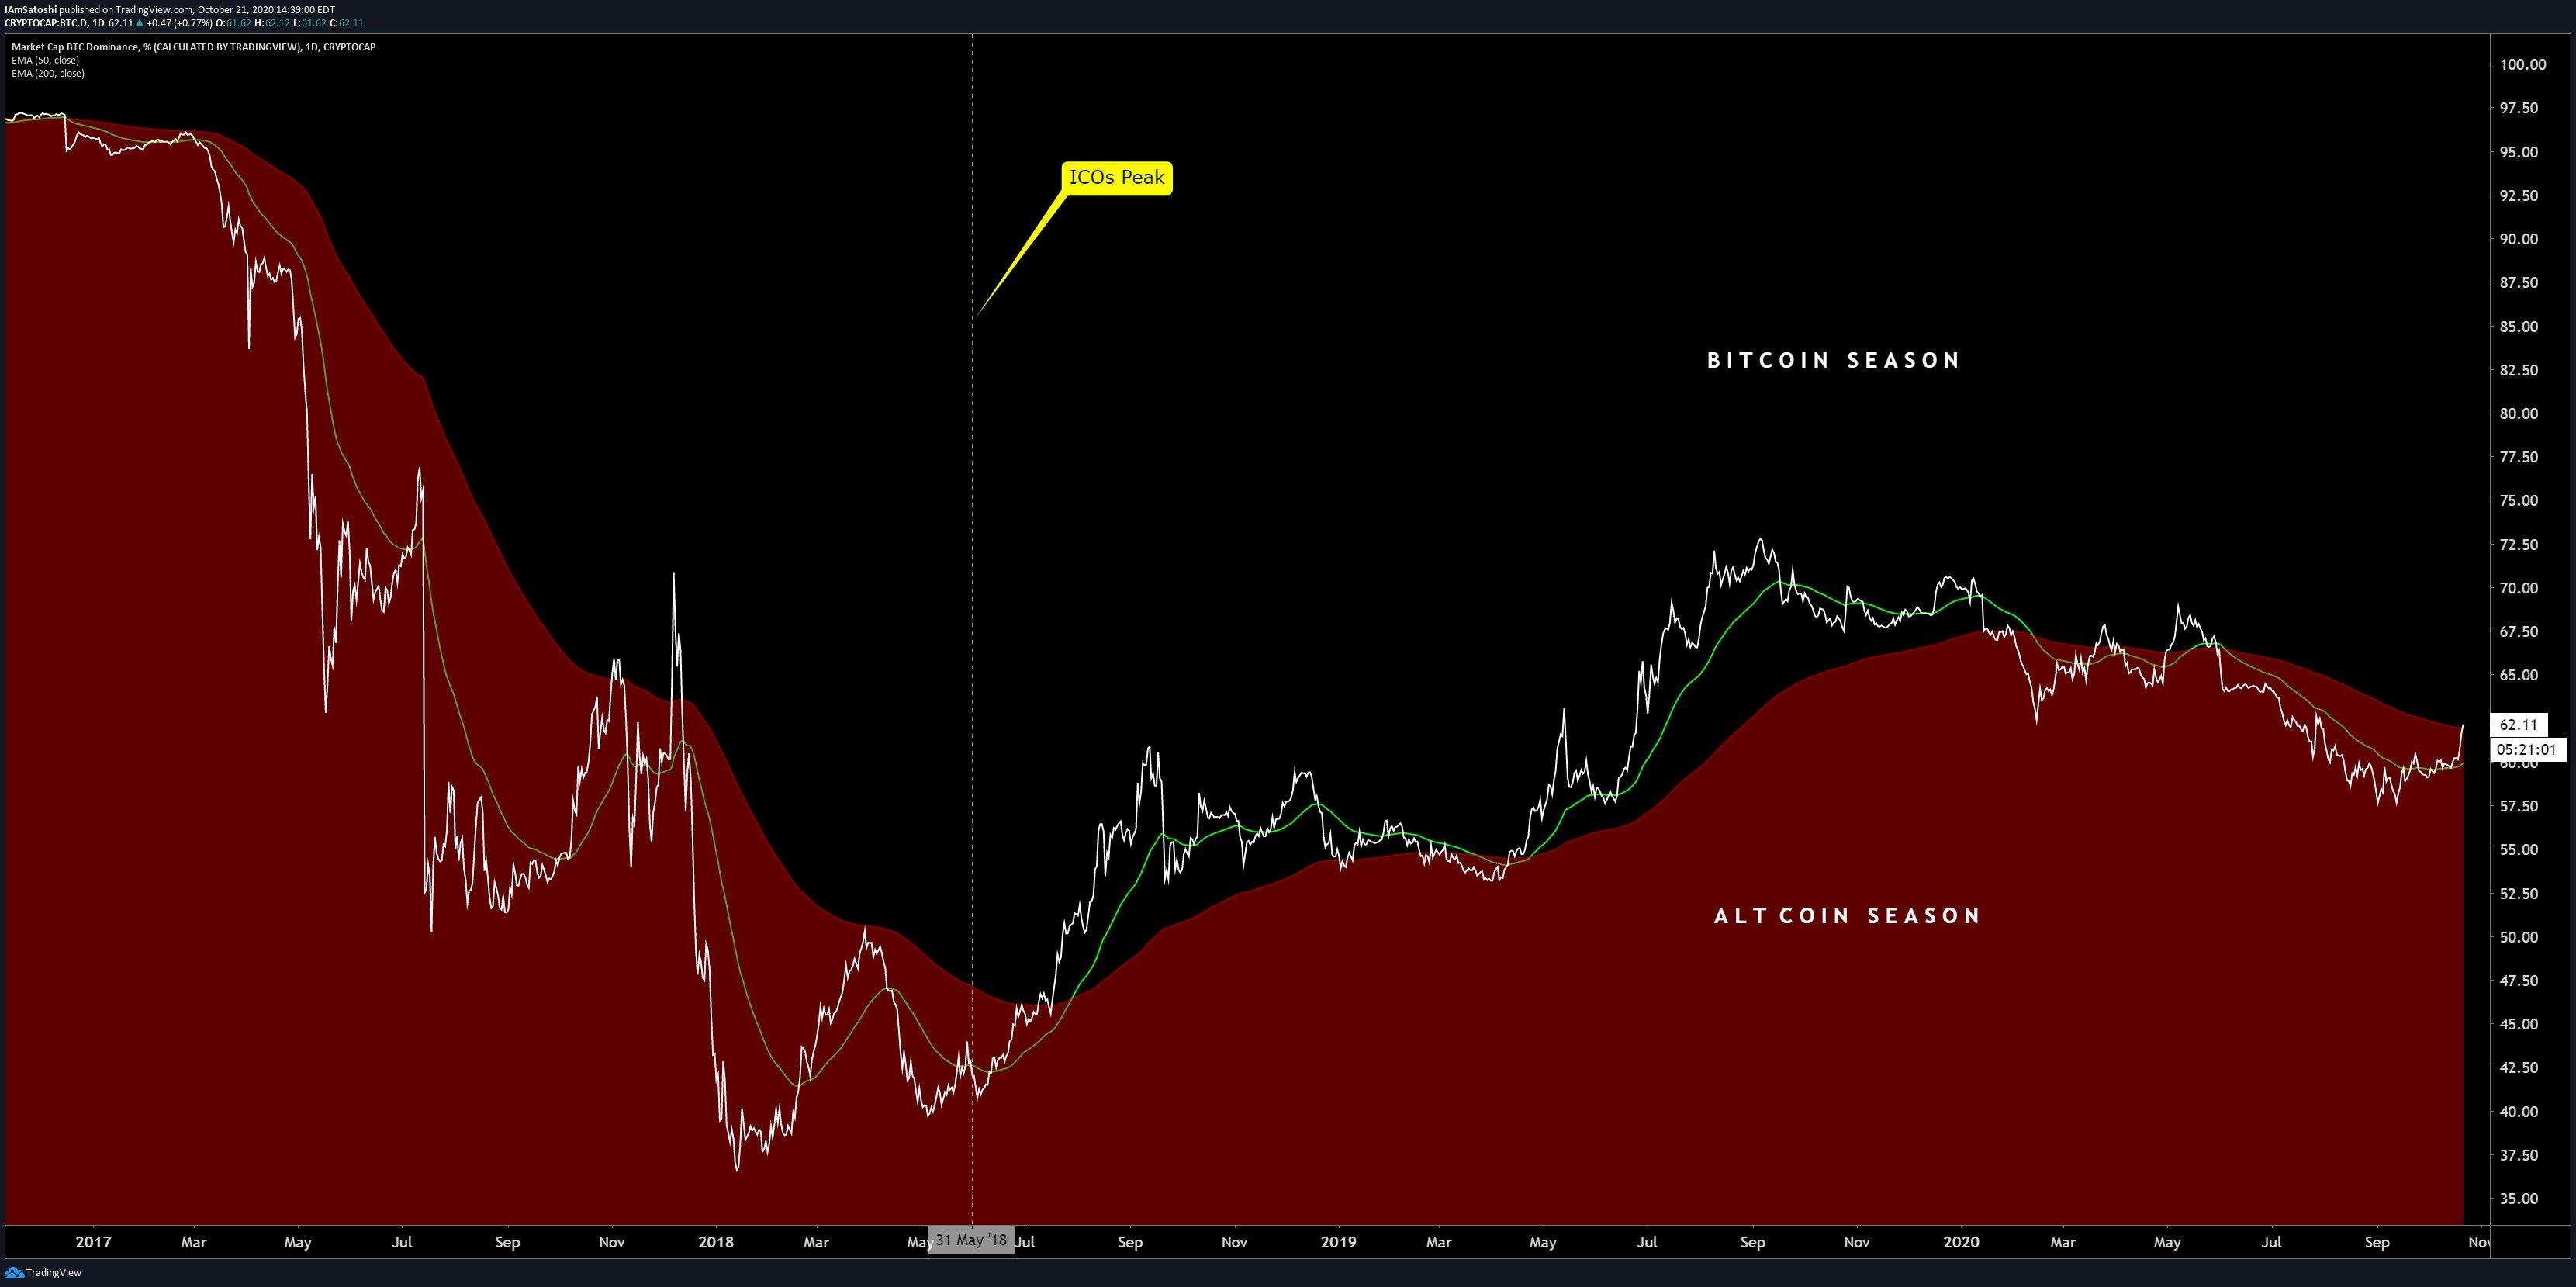 La dominance di Bitcoin